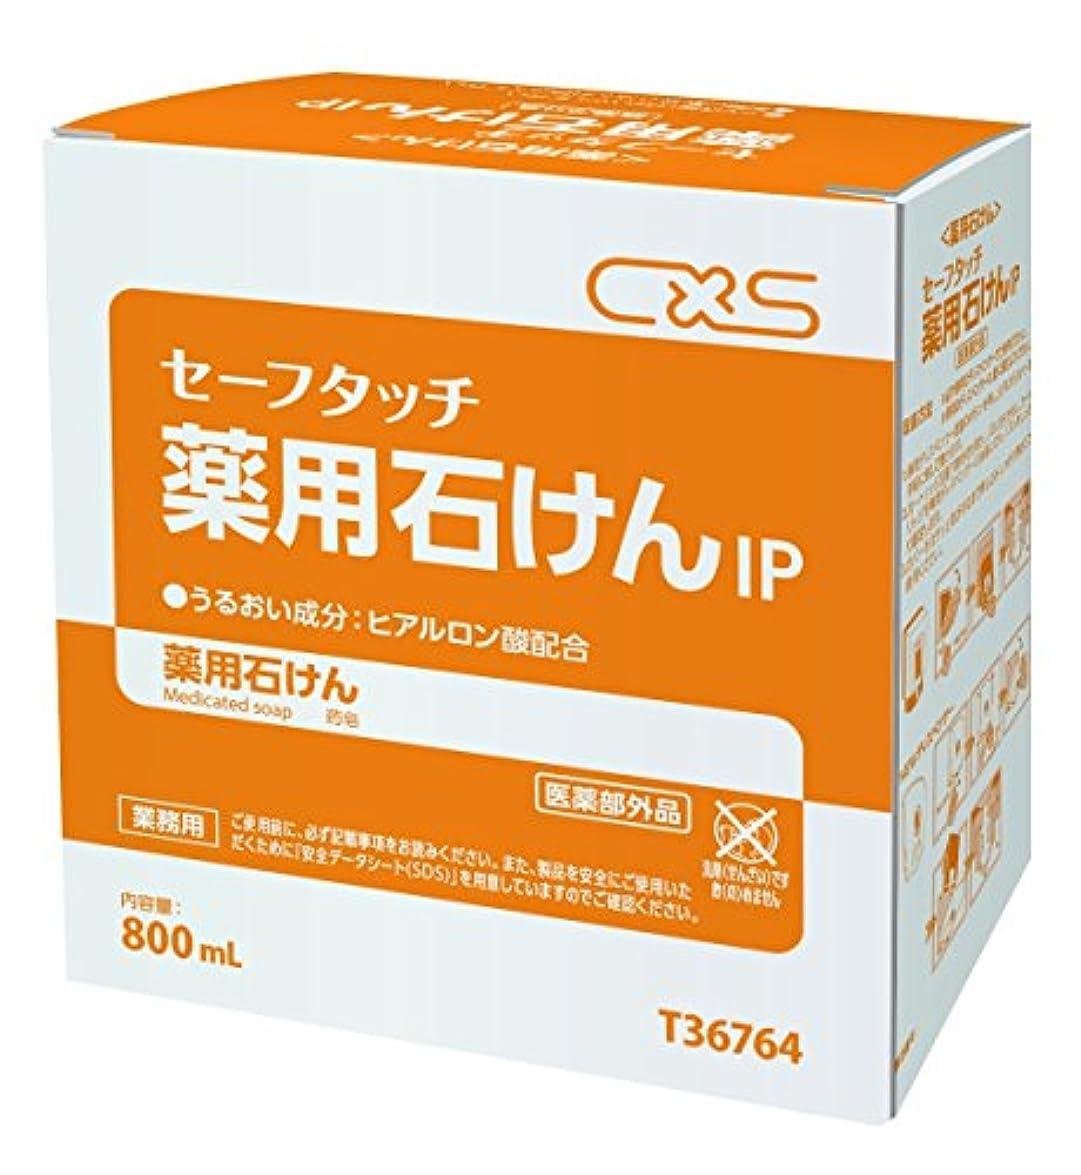 住人変更可能一杯セーフタッチ 薬用石けんIP 6箱セット